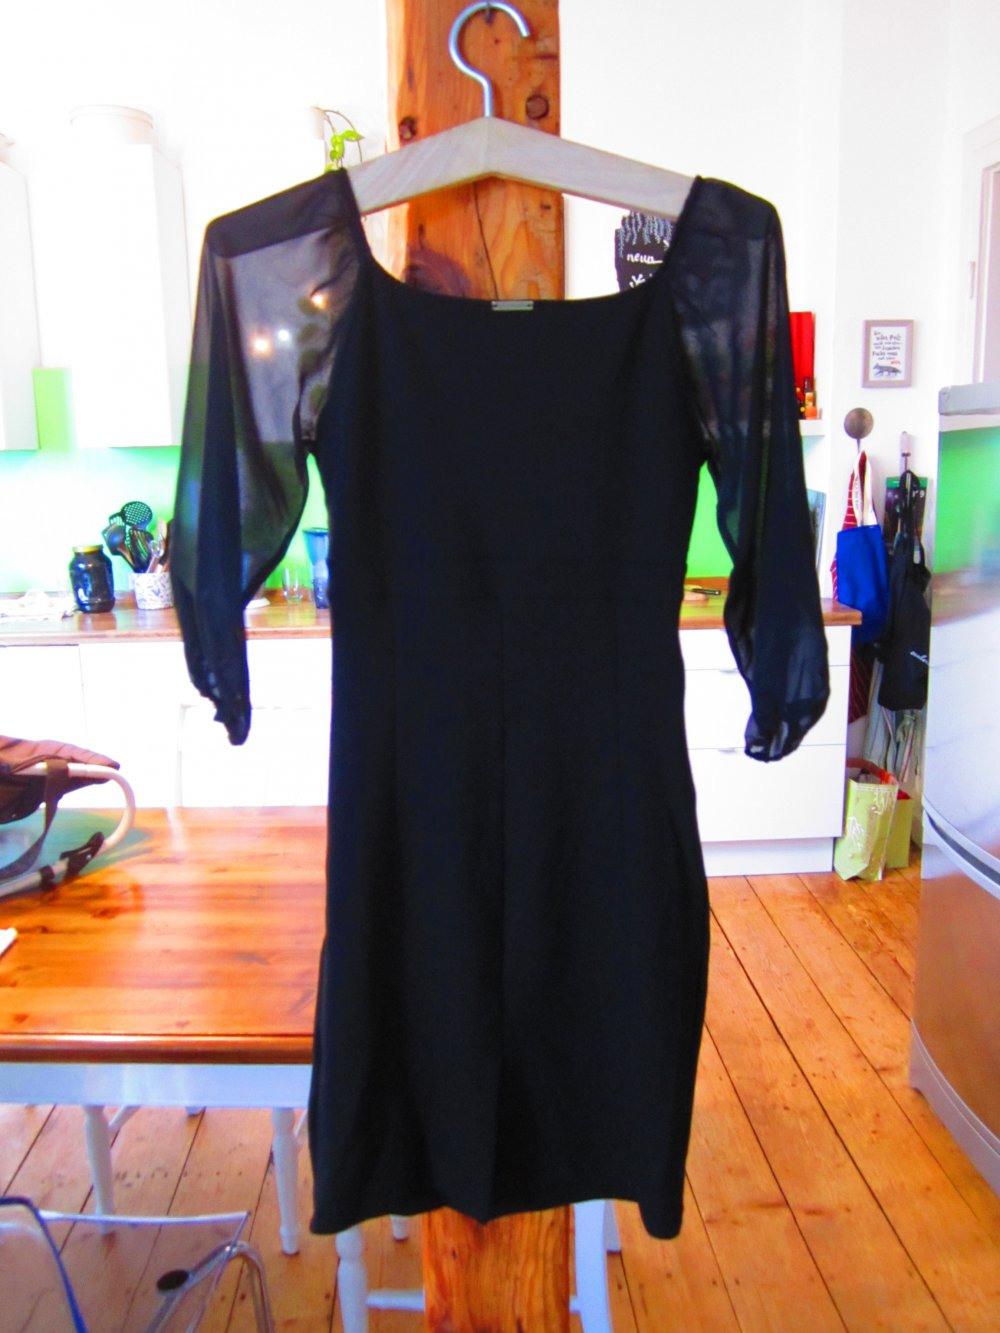 10 Erstaunlich Schöne Kleider Für Festliche Anlässe ÄrmelDesigner Genial Schöne Kleider Für Festliche Anlässe Spezialgebiet